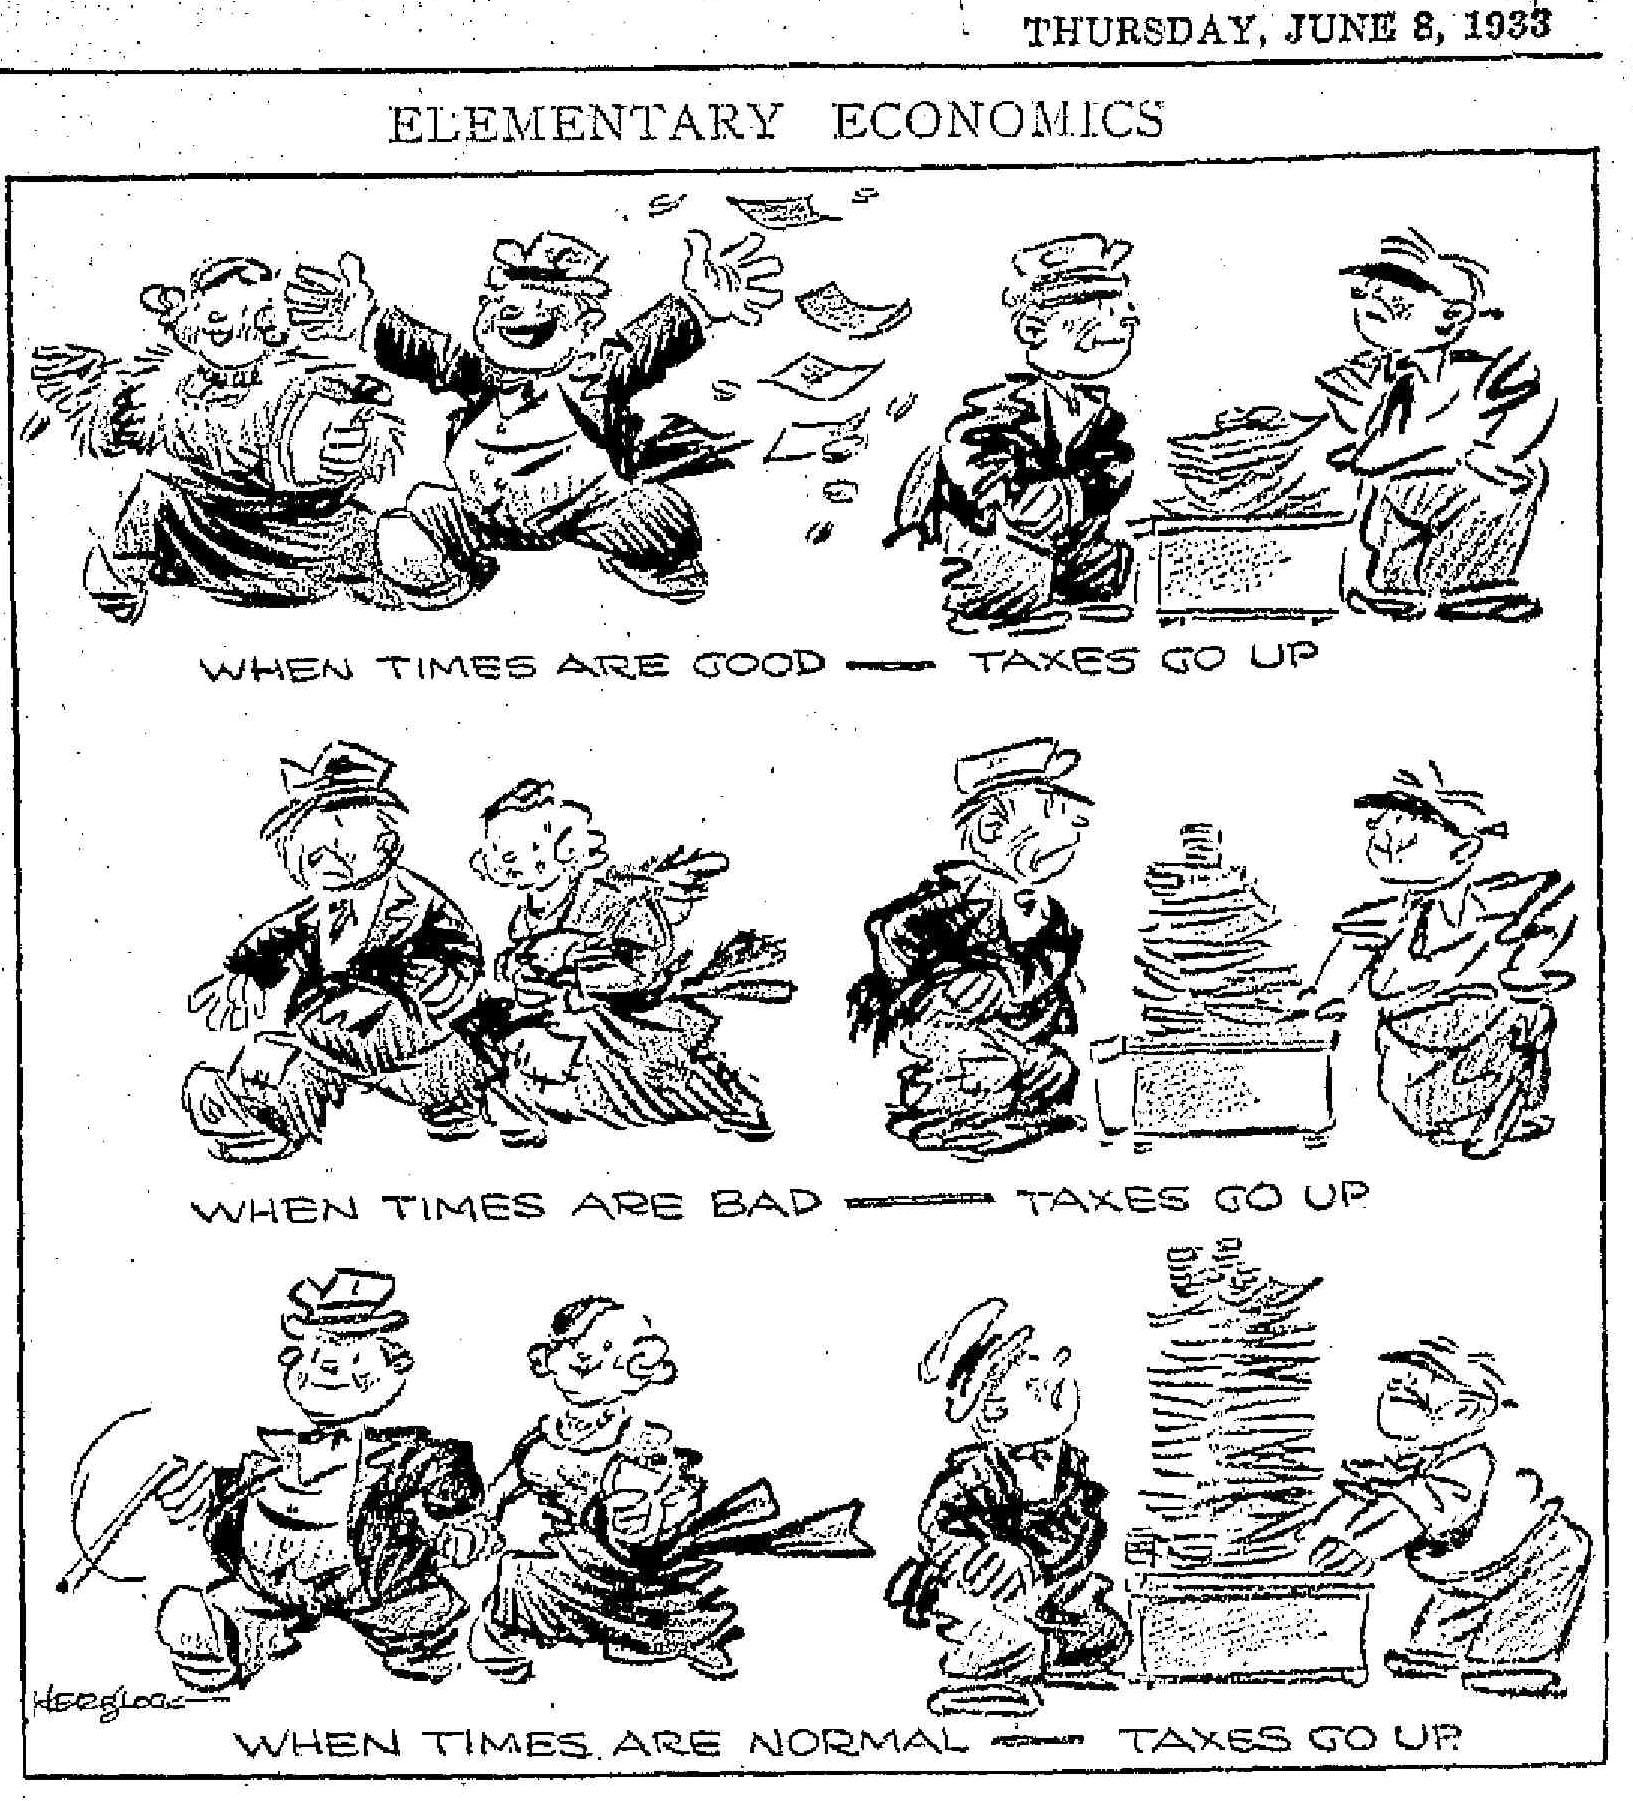 taxes go up 1936